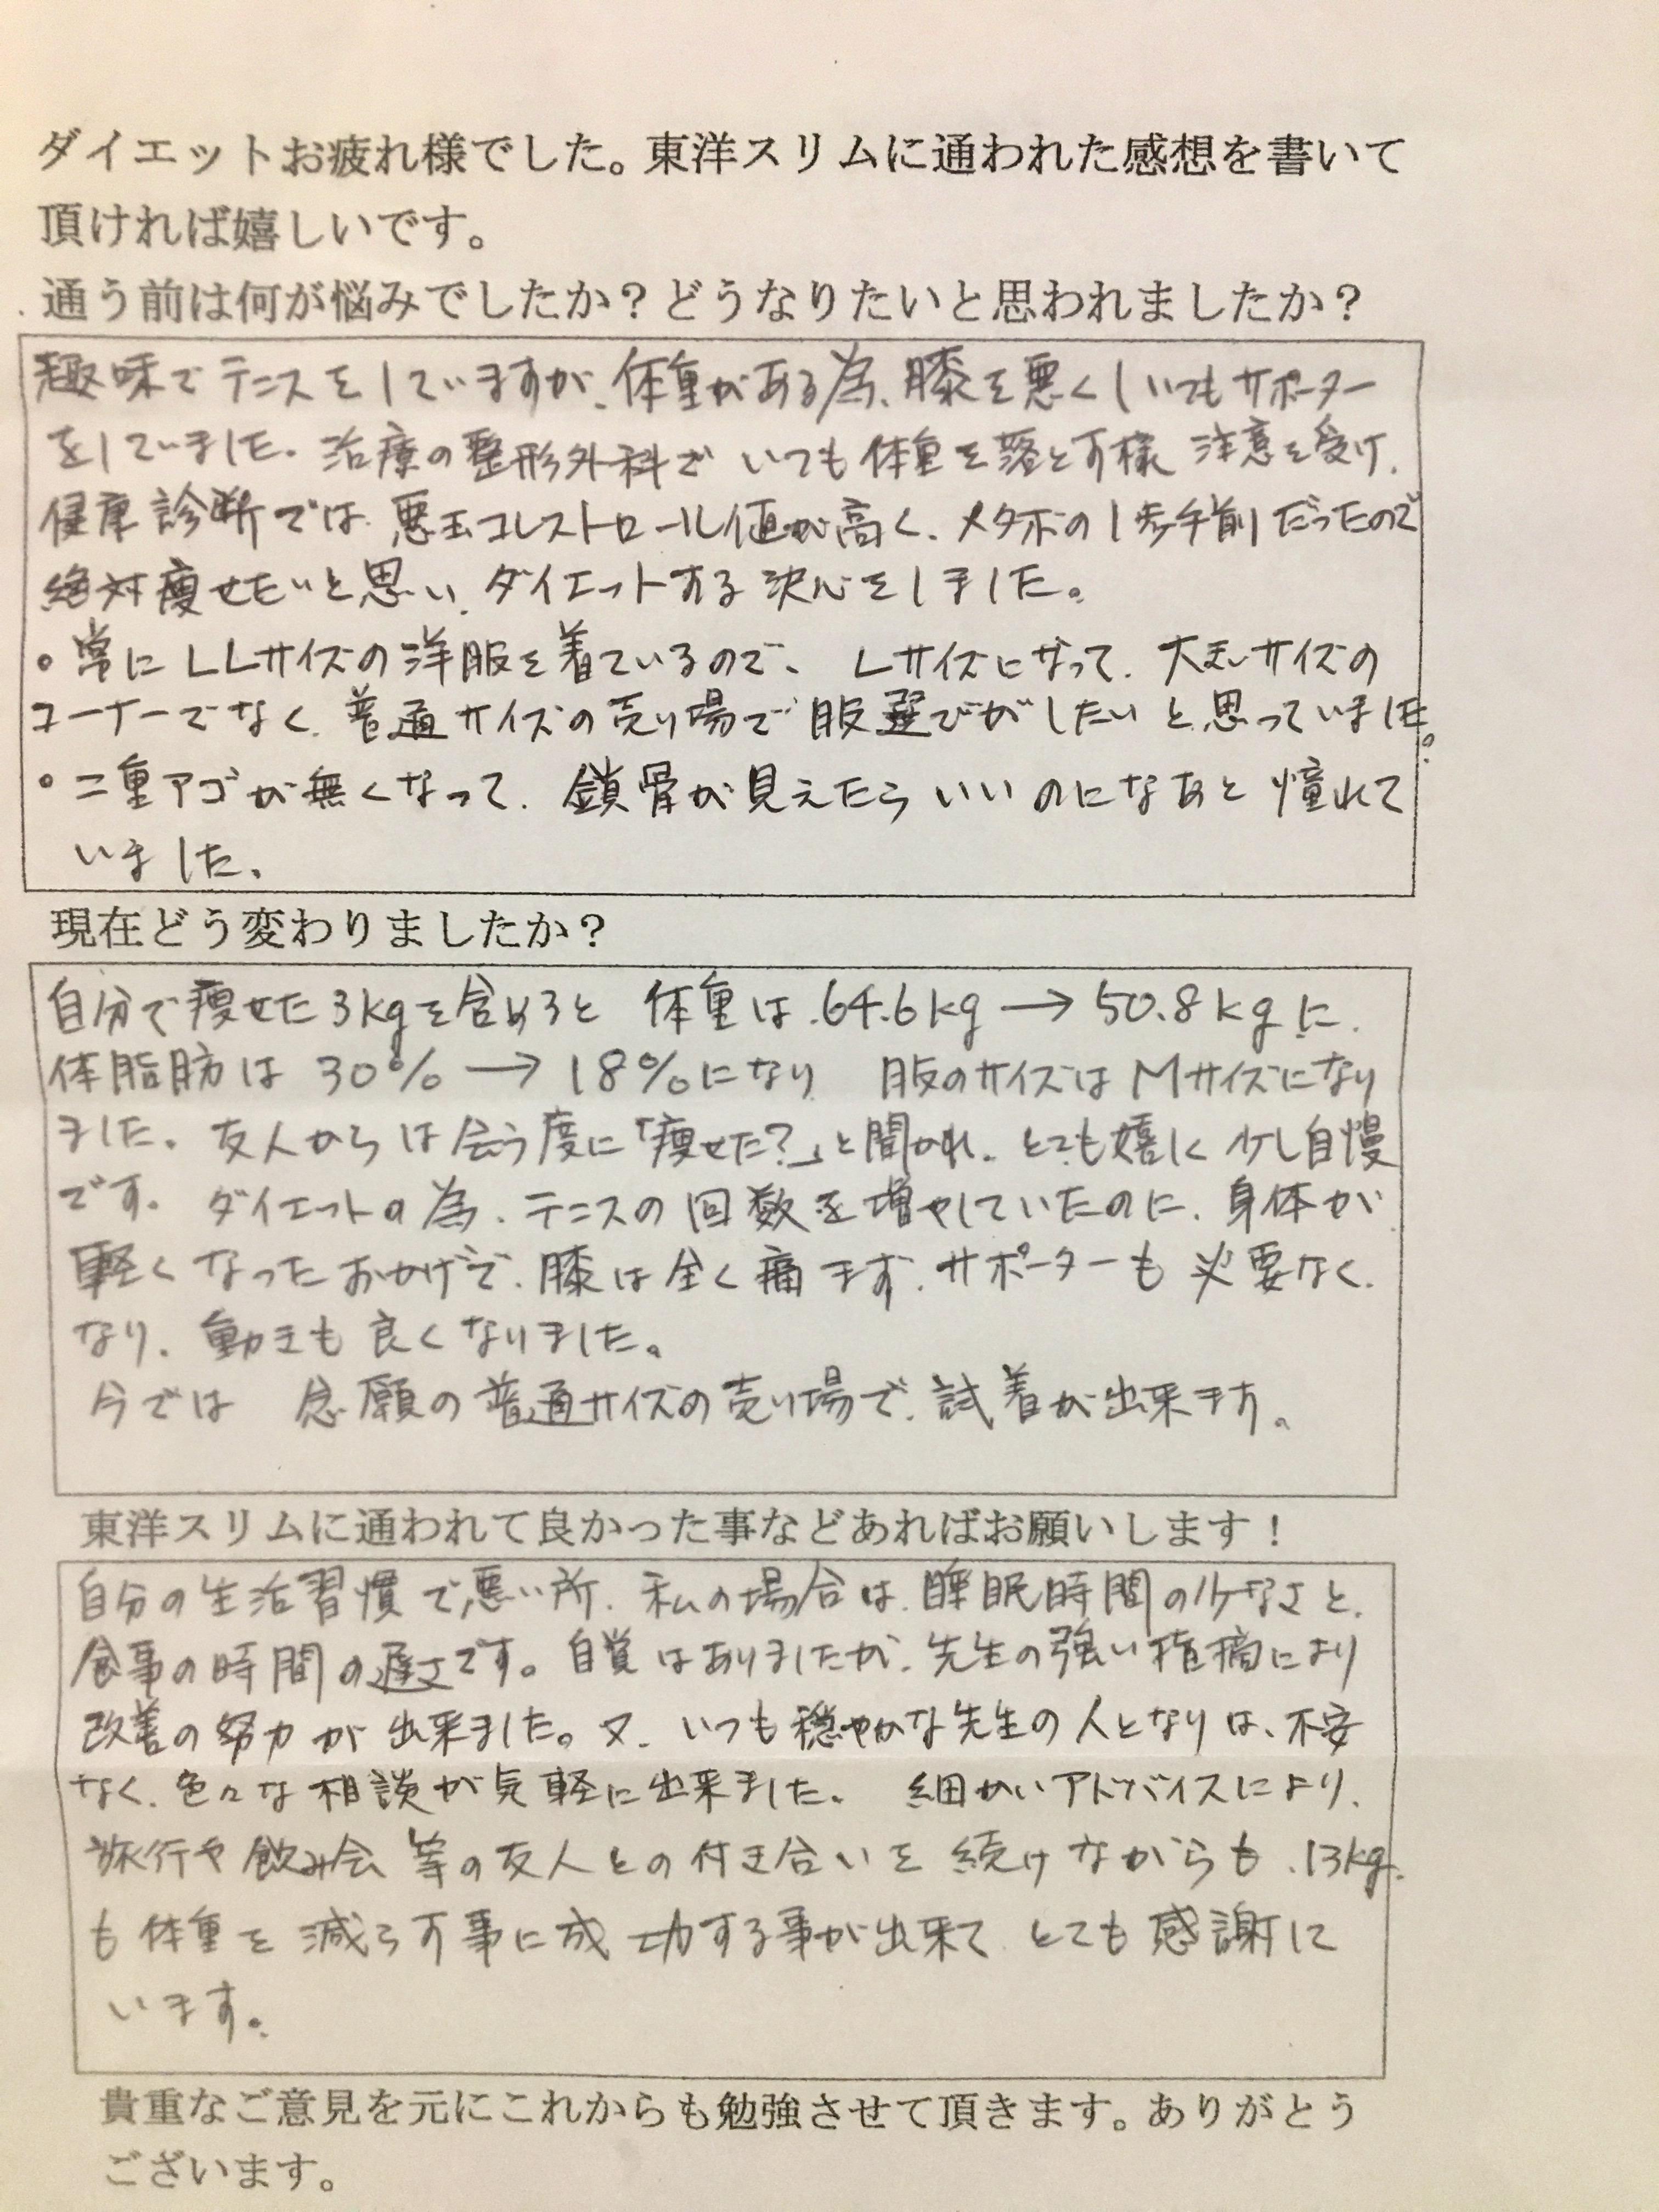 [皆様の声]大阪府堺市Yさん(50代女性)耳鍼ダイエットで10kg成功 体脂肪率18%に